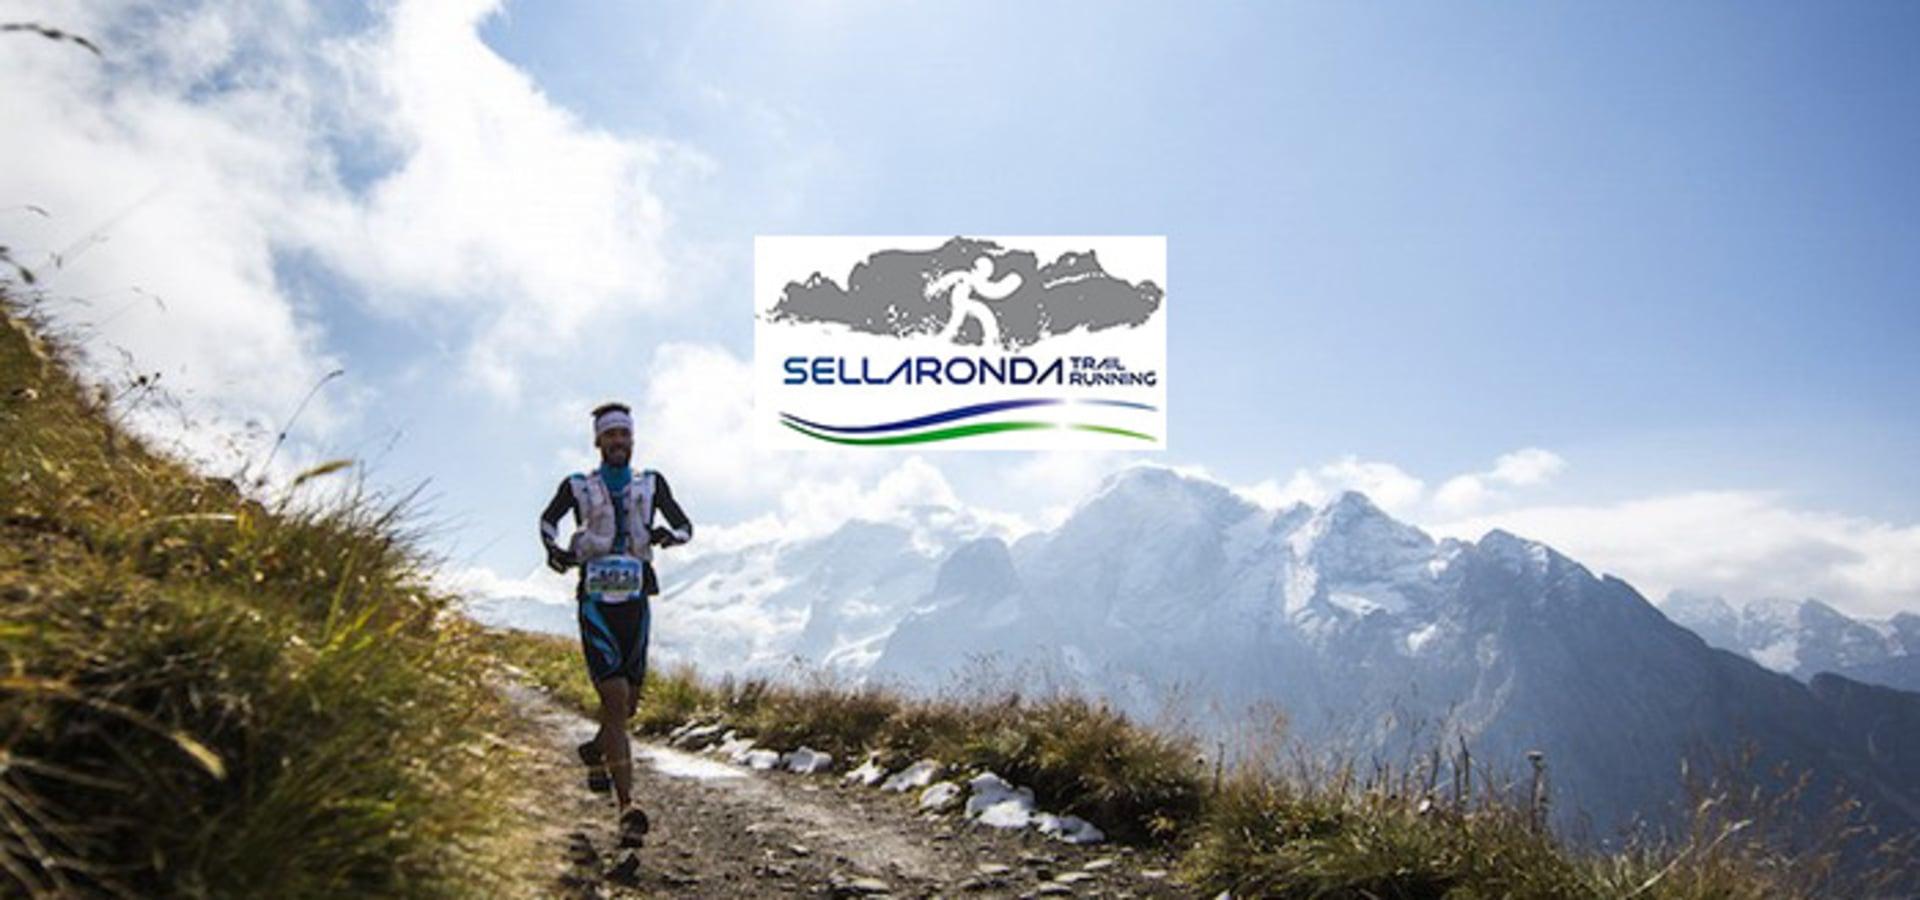 16.09.2017 Sellaronda Trail Running